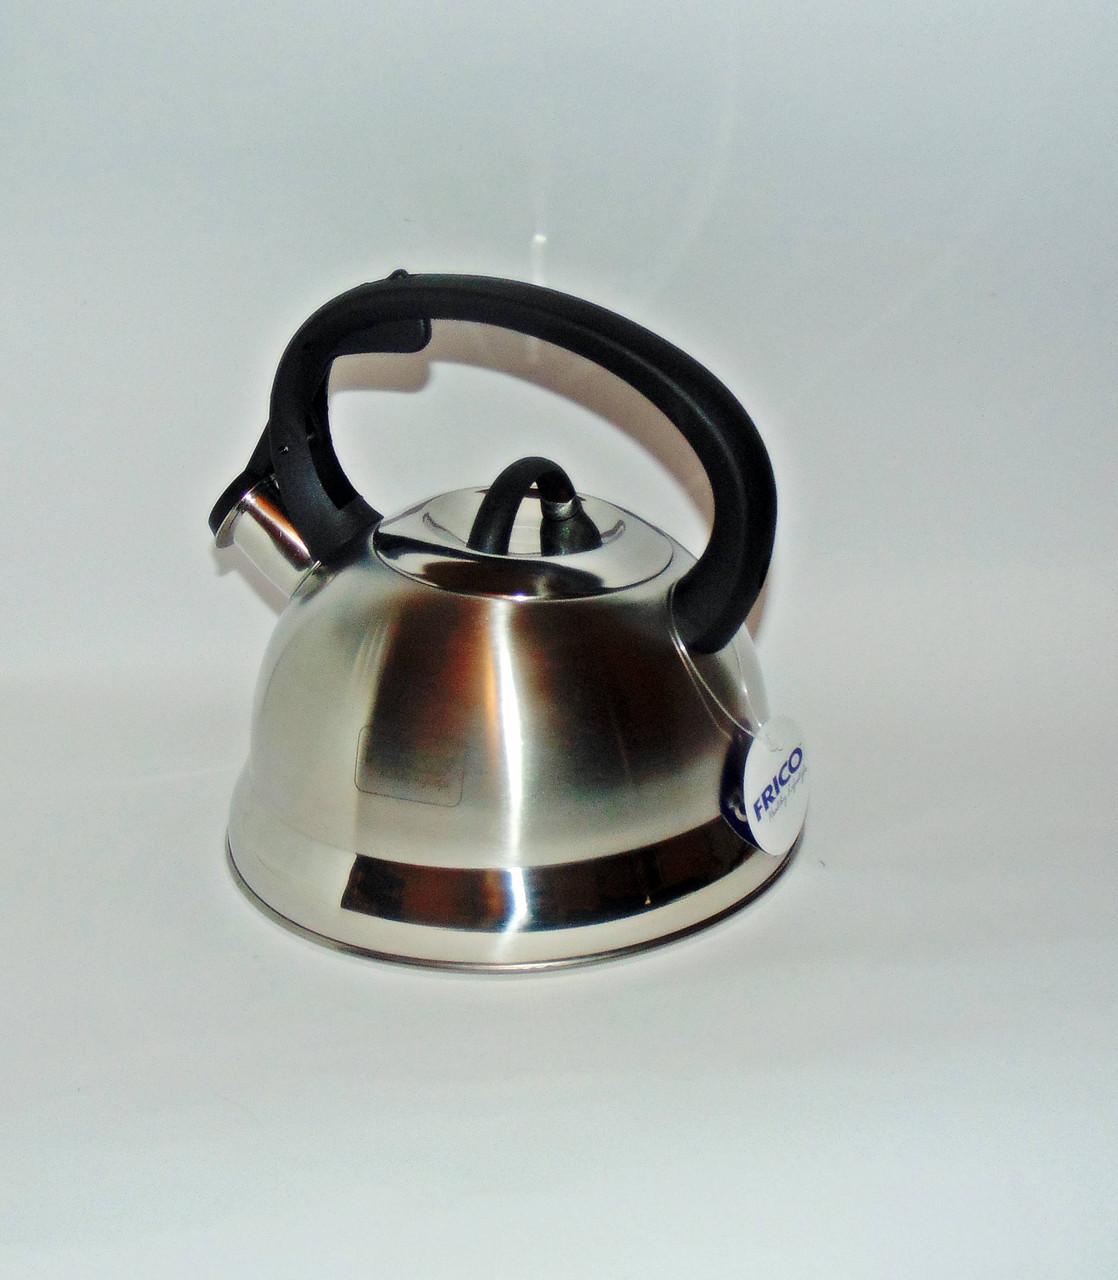 Чайник из нержавеющей стали 2.5л Edenberg EB-1611